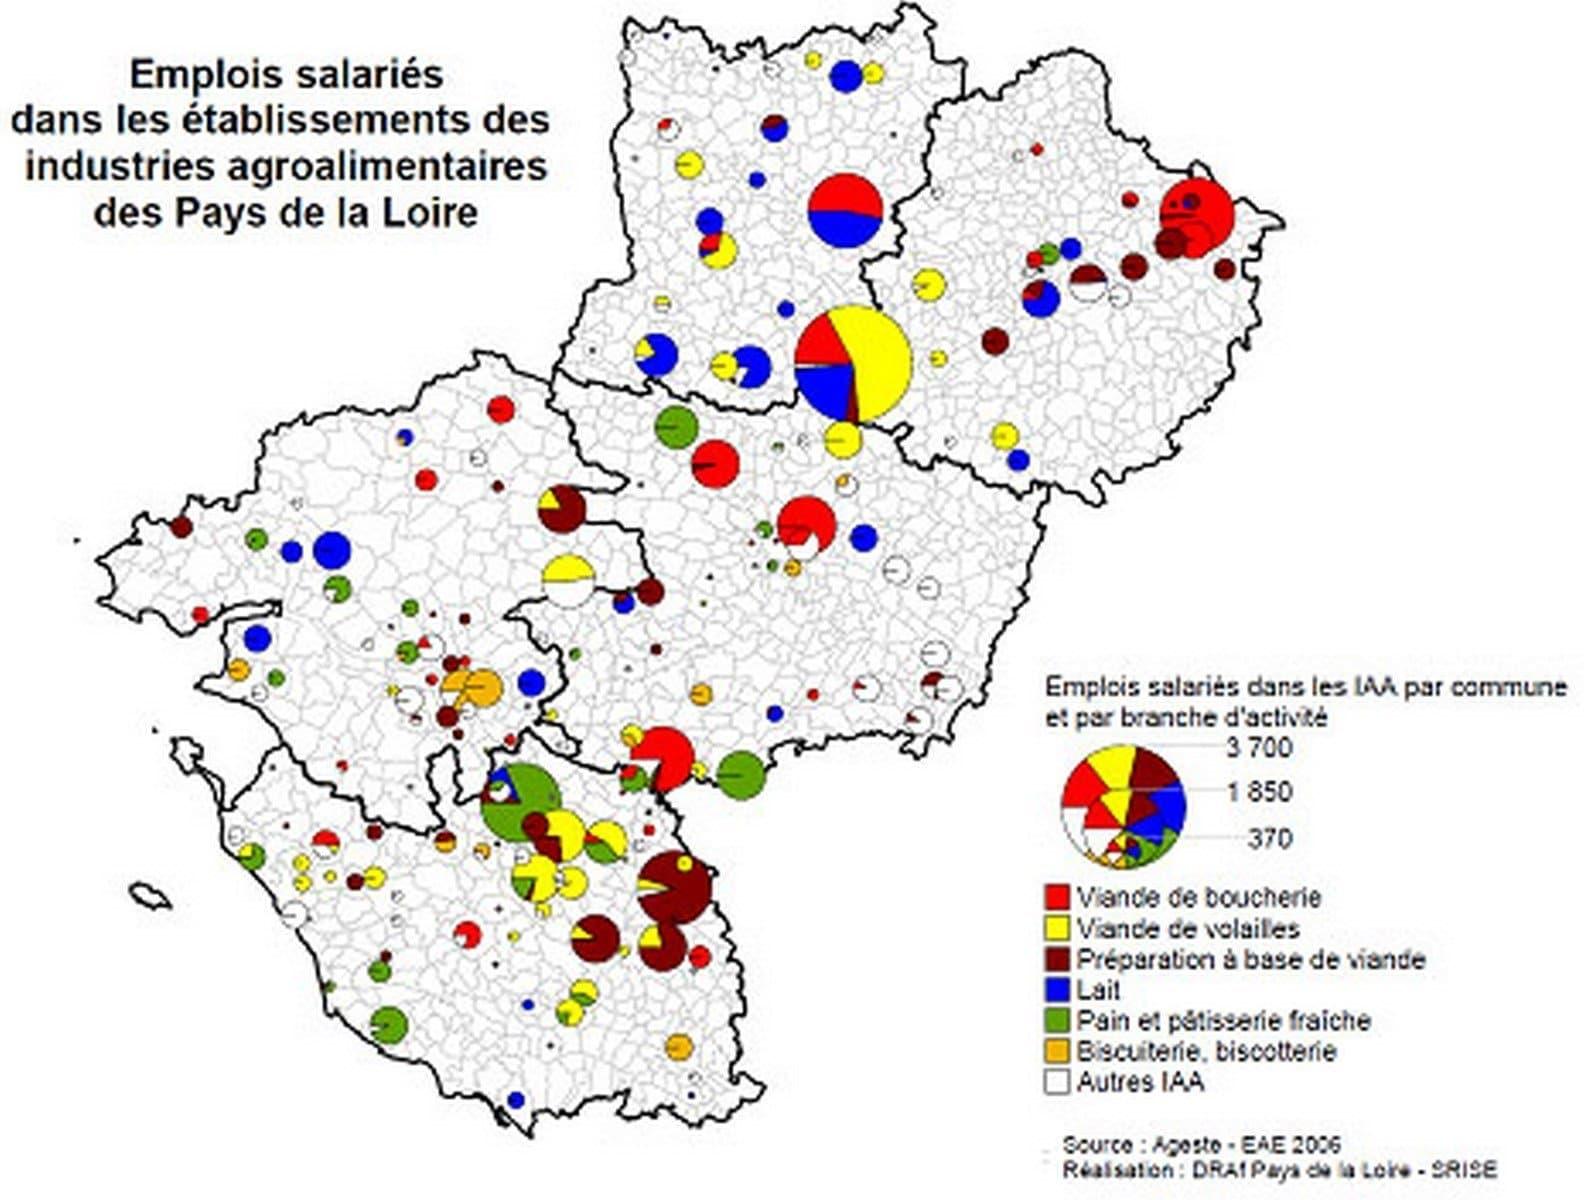 Comprendre la région pour transmettre une entreprise en Pays de la Loire